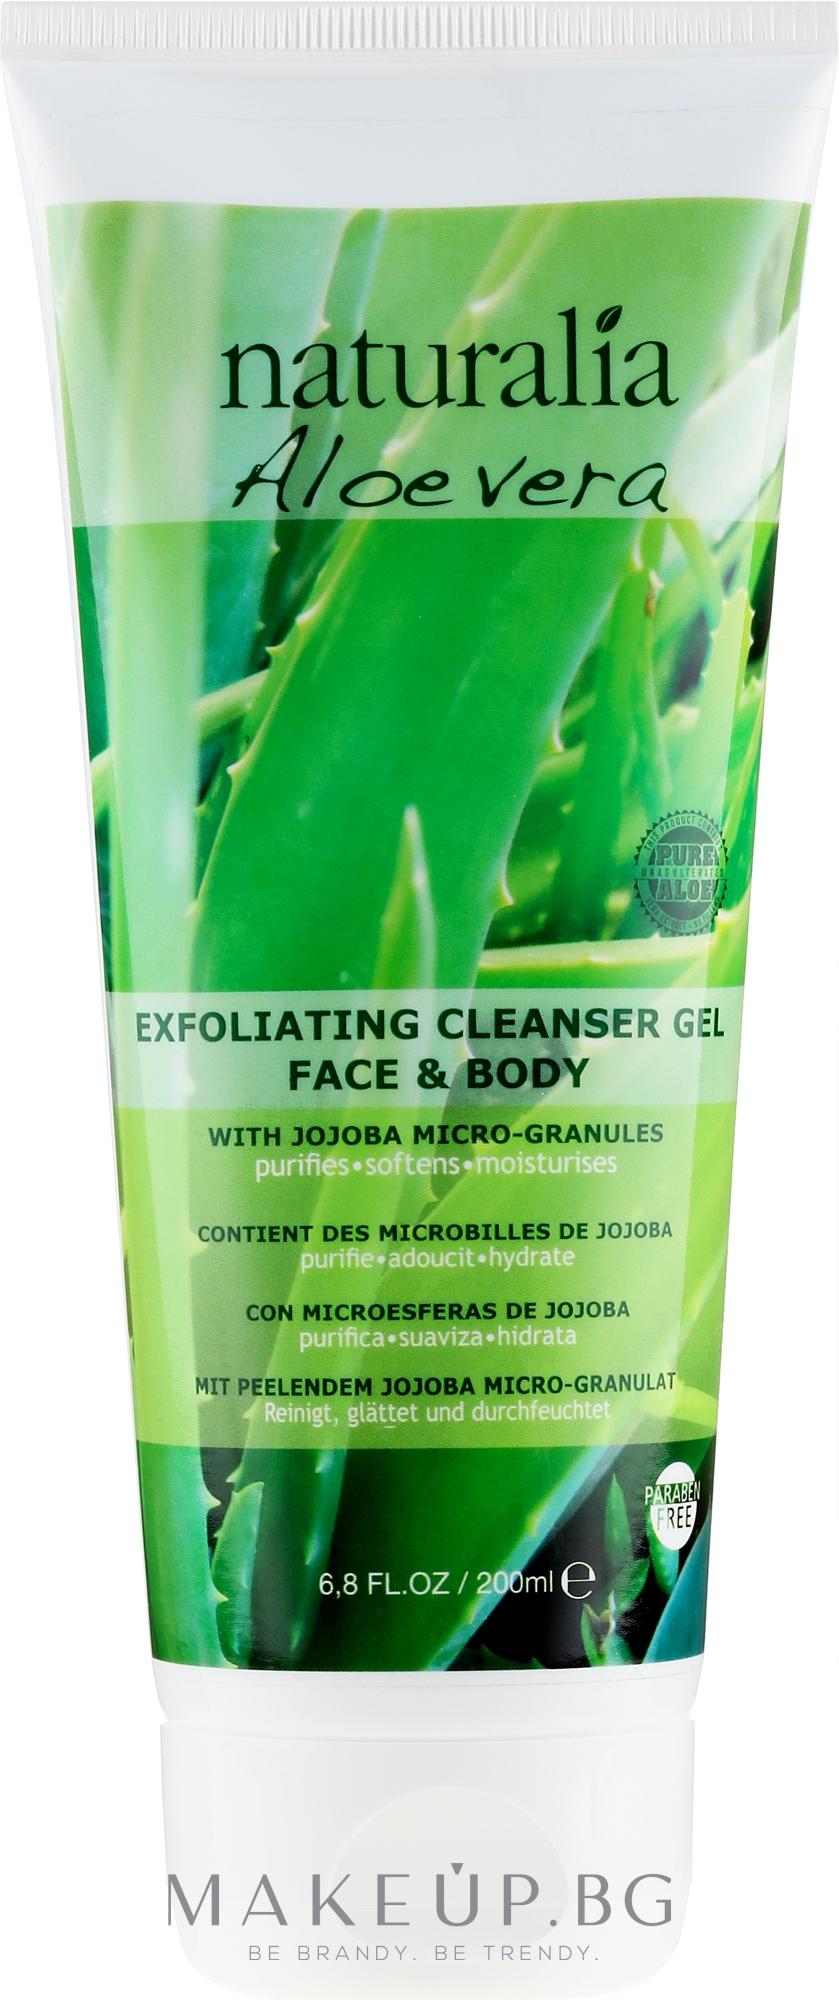 Екфолиращ измиващ гел за лице - Naturalia Aloe Vera Exfoliating Cleanser Gel Face & Body — снимка 150 ml